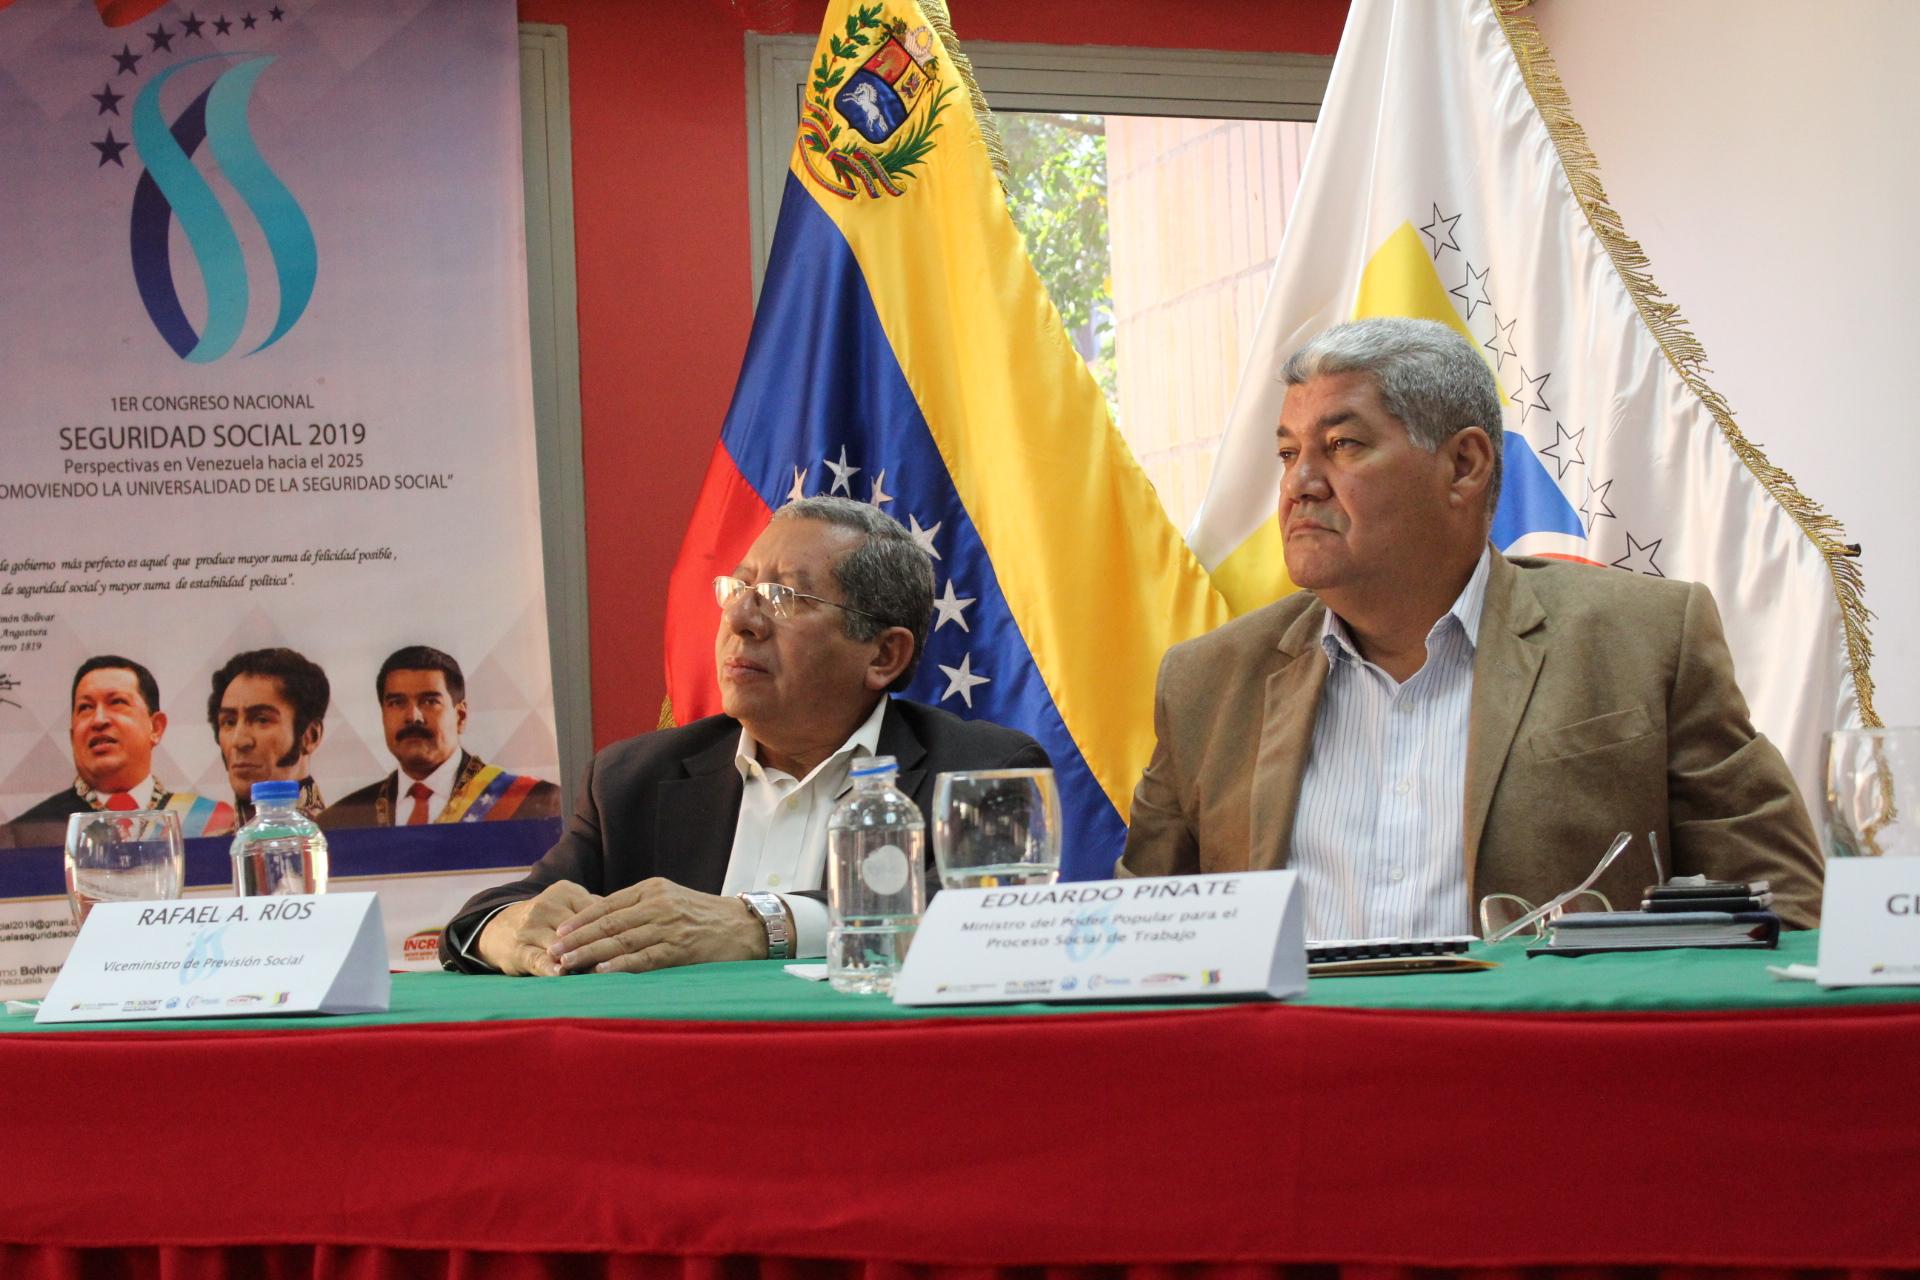 Encuentro de Conferencistas del 1er Congreso Nacional Seguridad Social 2019